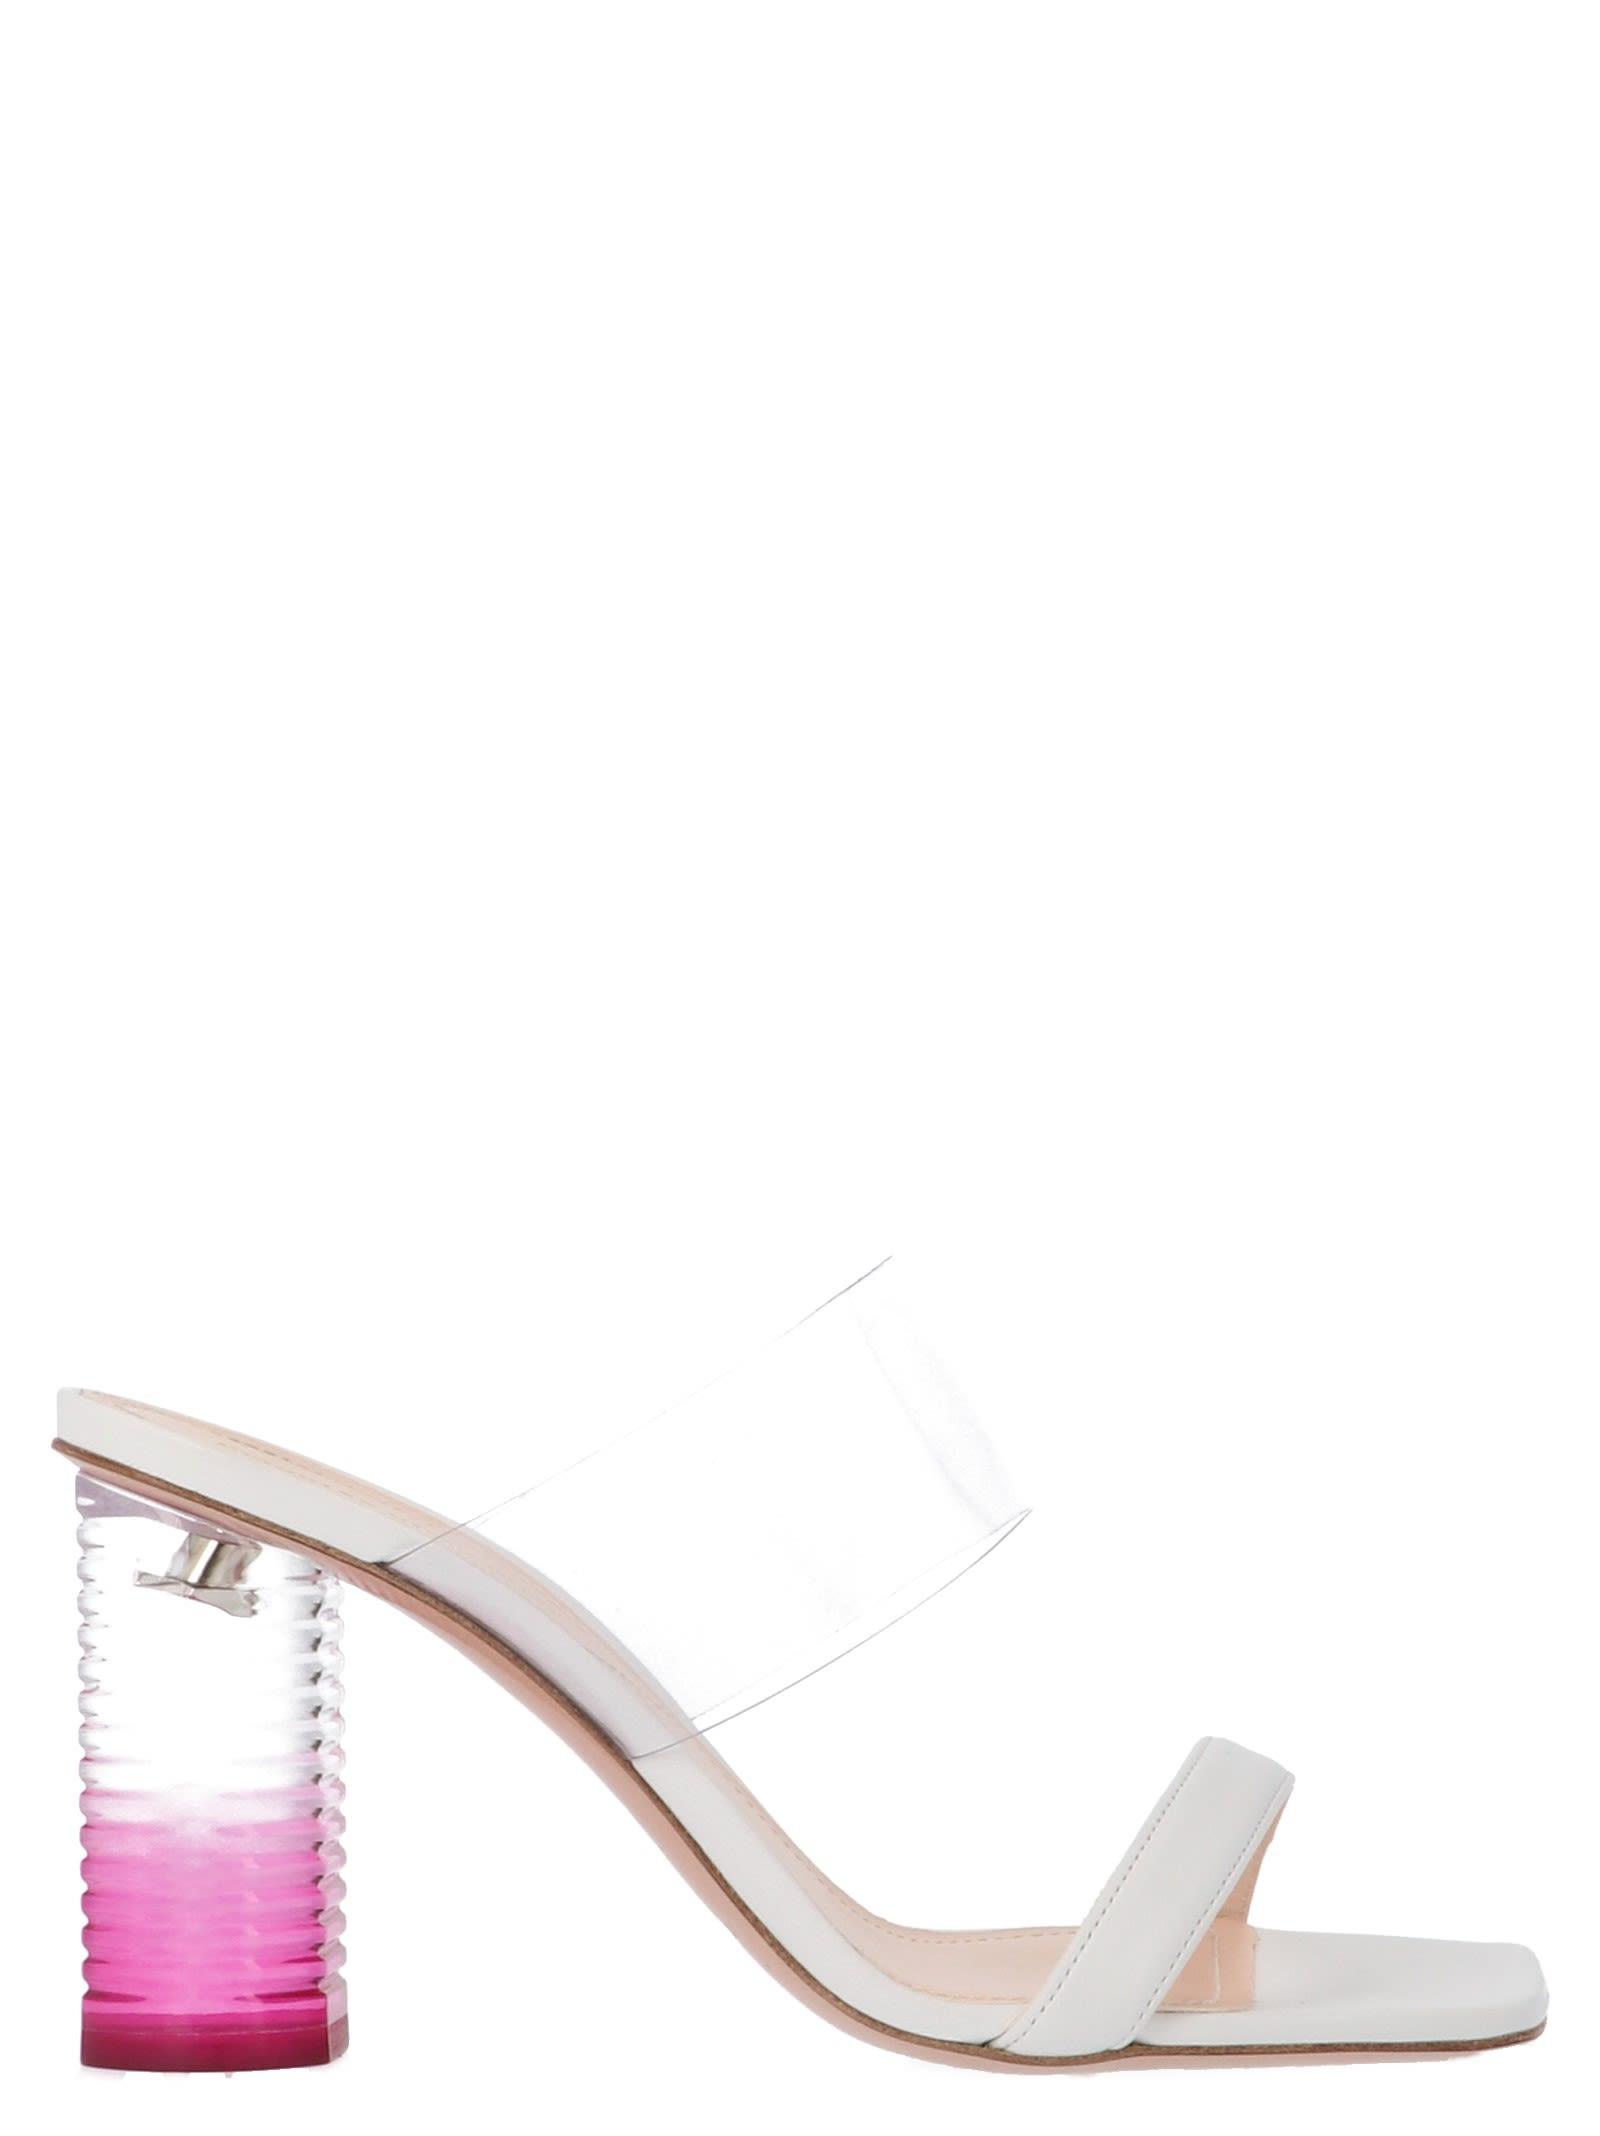 Nicholas Kirkwood 'peggy' Shoes